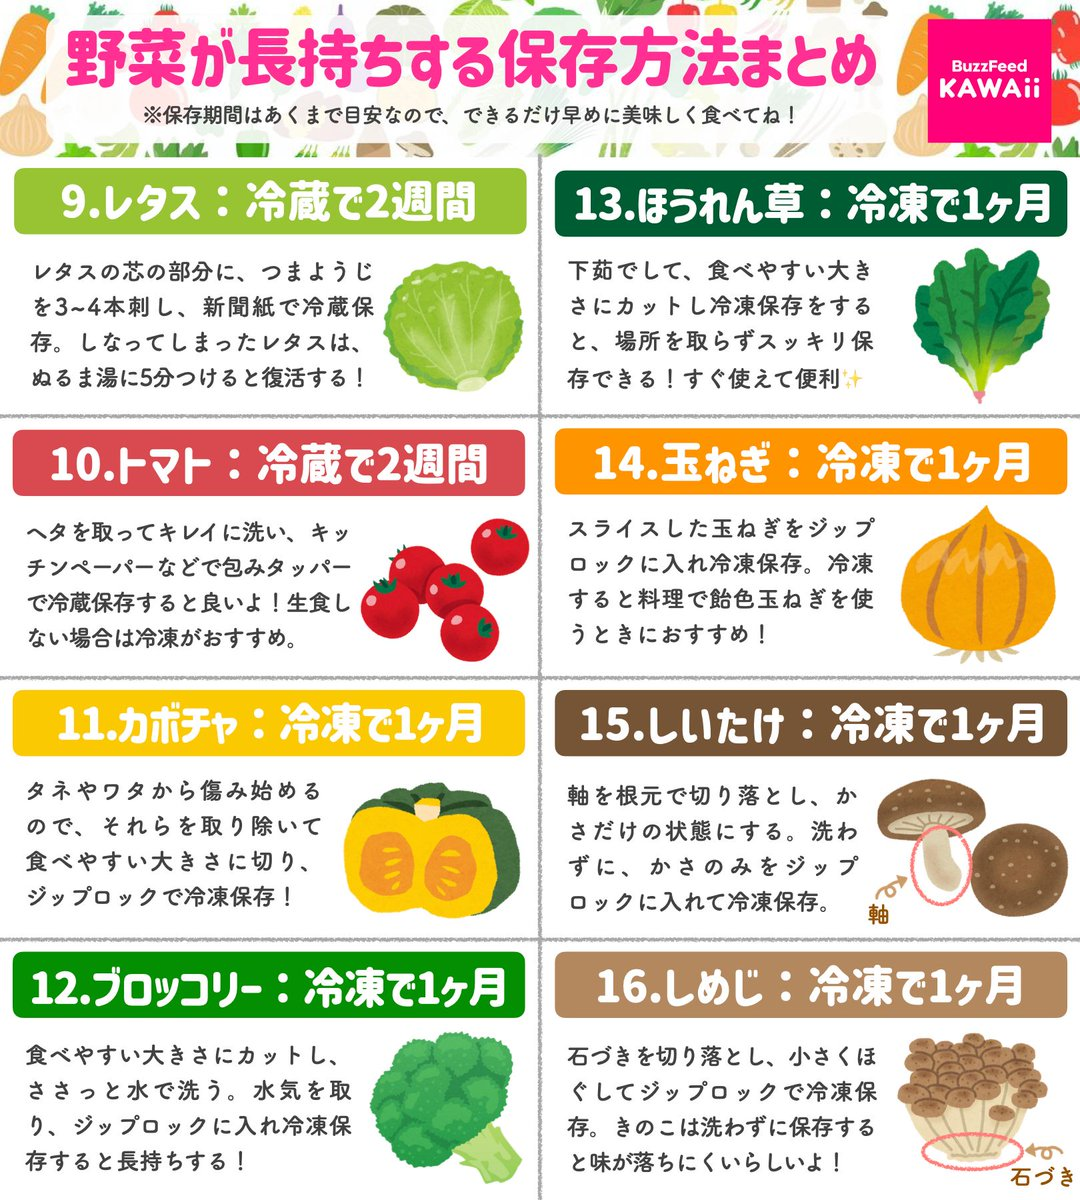 これは覚えておきたい!いろんな野菜たちの、長持ちする保存方法まとめ!